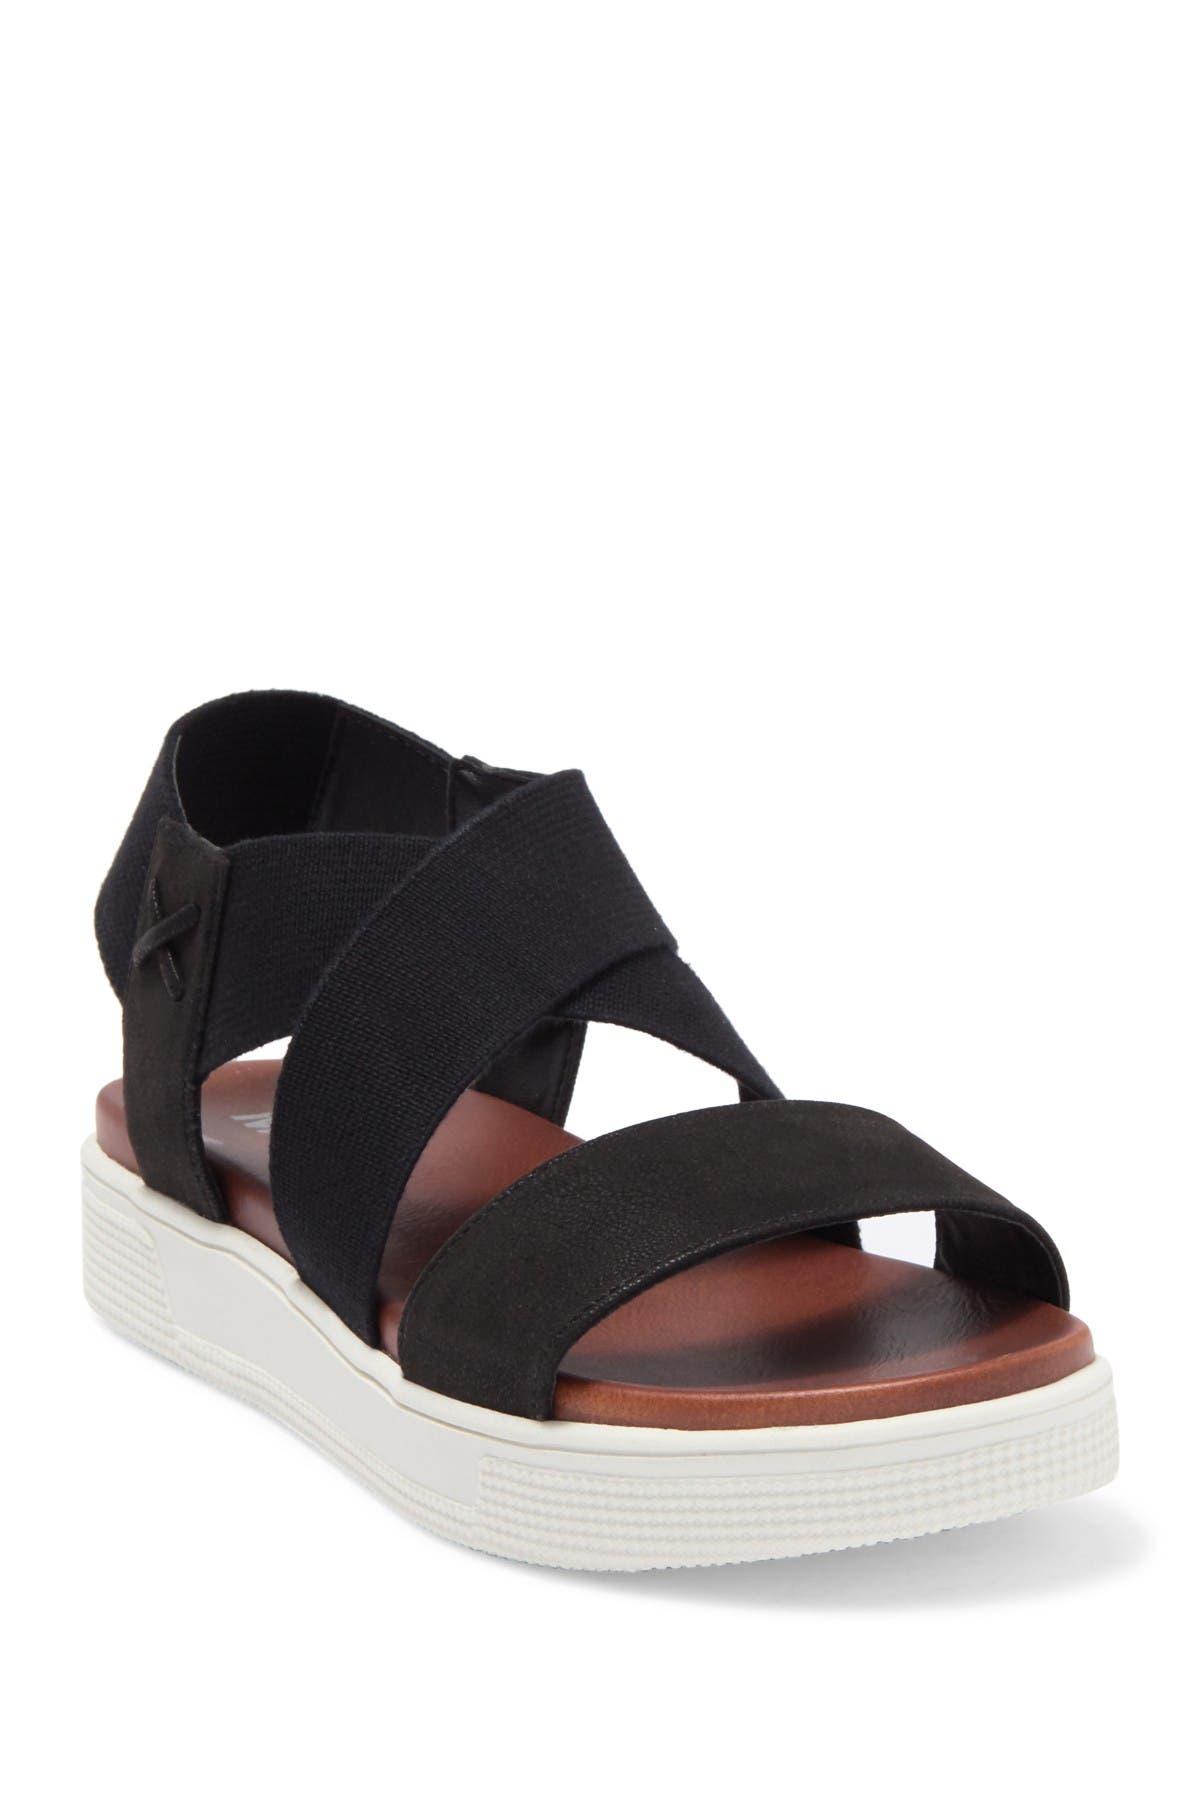 Image of MIA Gizela Strappy Flatform Sandal